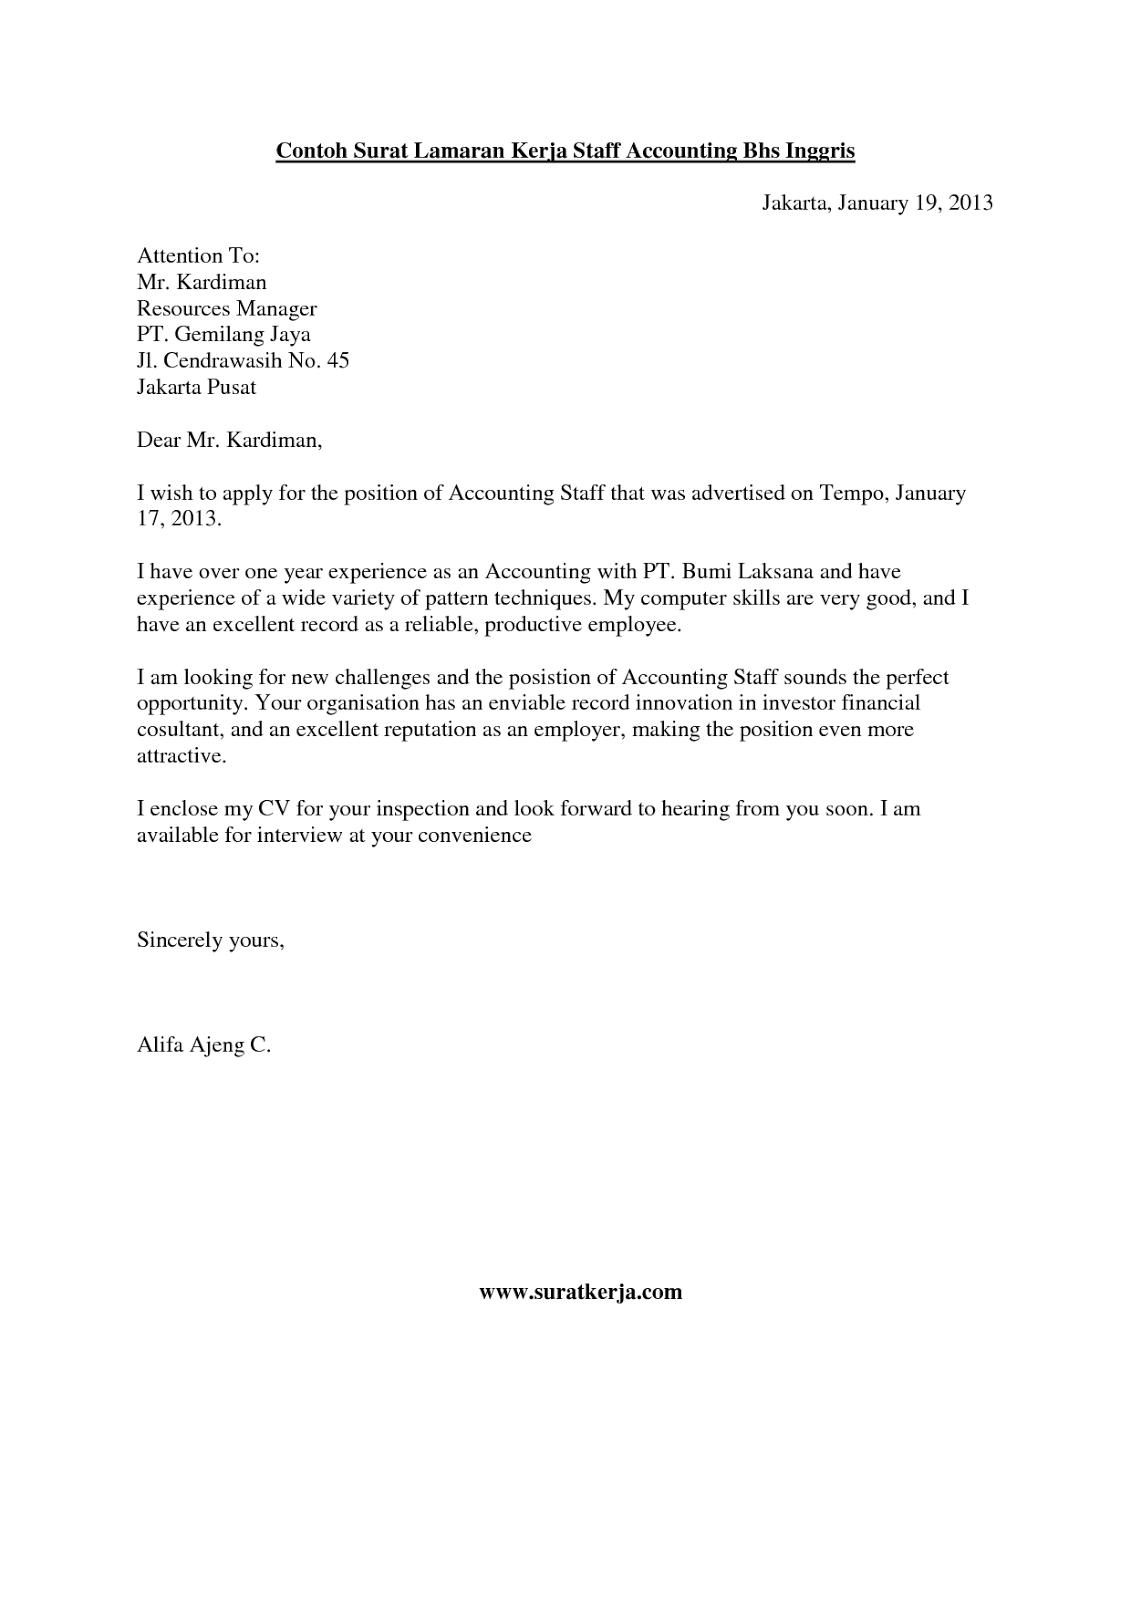 Contoh Surat Lamaran Kerja Bhs Inggris Inggris Bahasa Inggris Surat